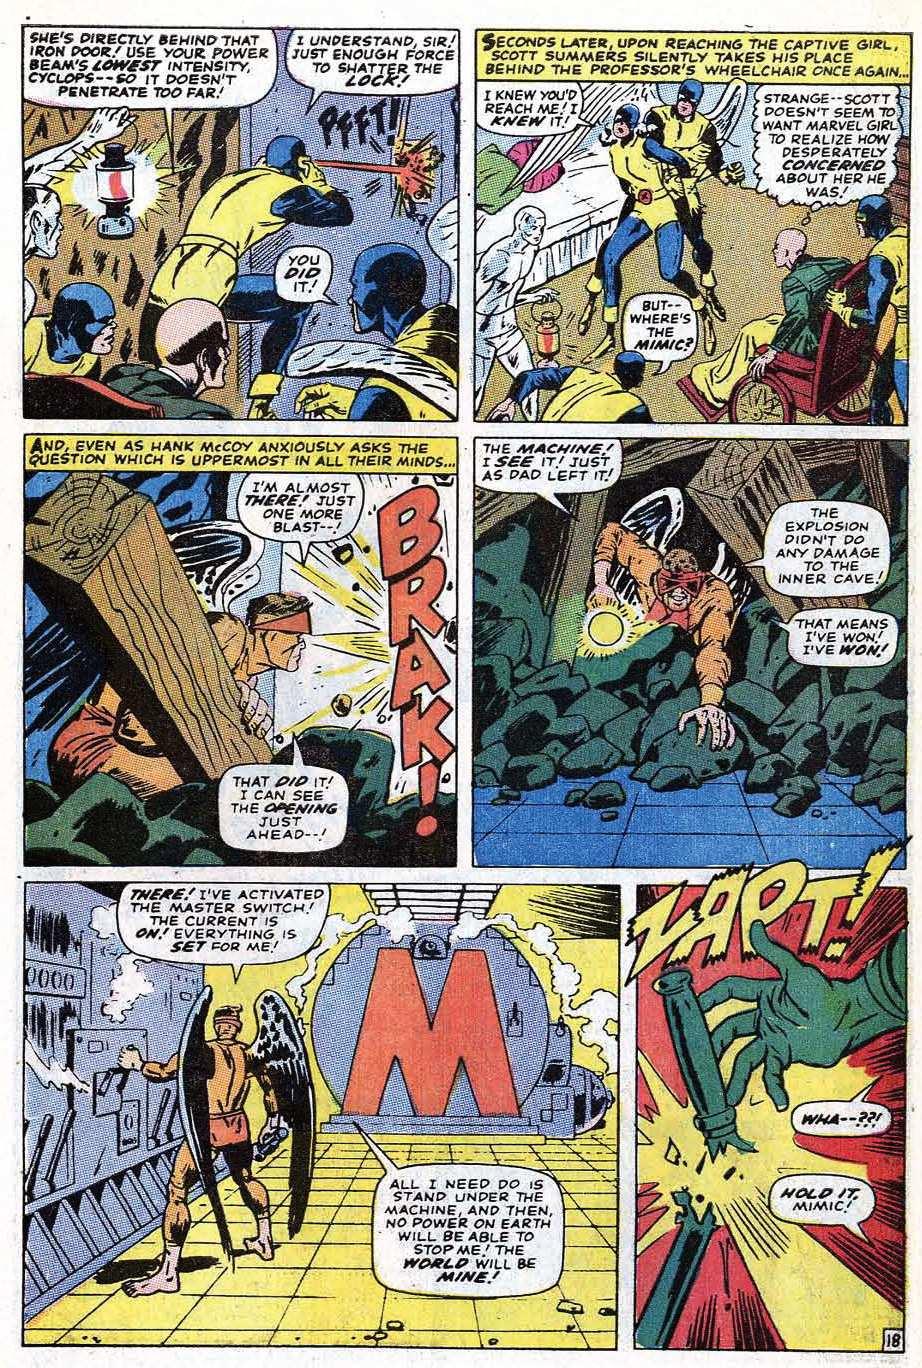 Read online Uncanny X-Men (1963) comic -  Issue #69 - 48